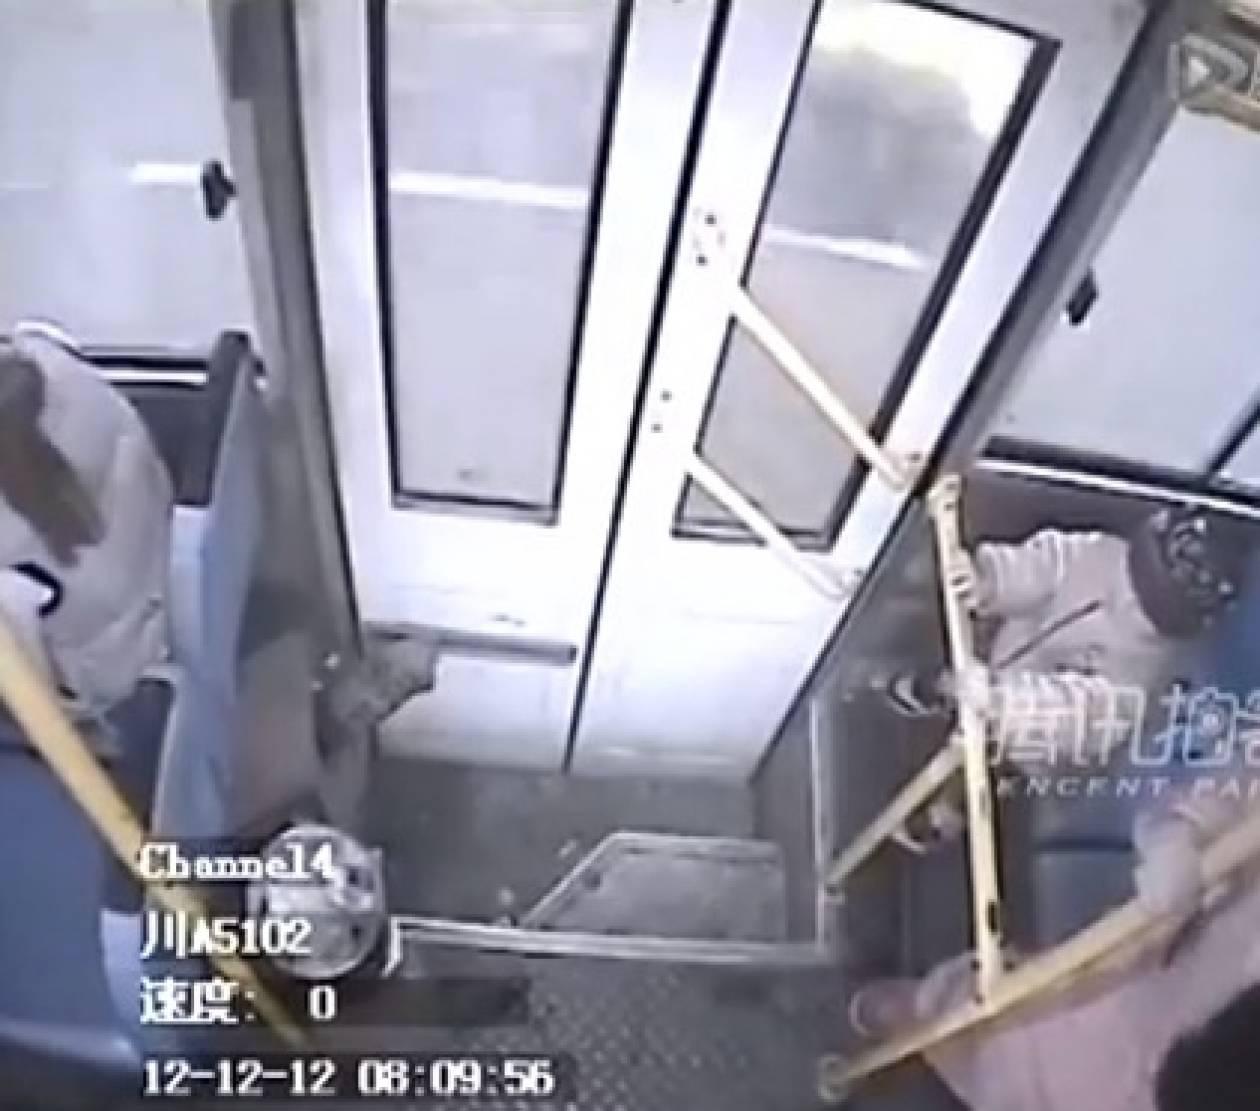 Βίντεο: Γυναίκα γέννησε μόνη της μέσα σε... λεωφορείο!